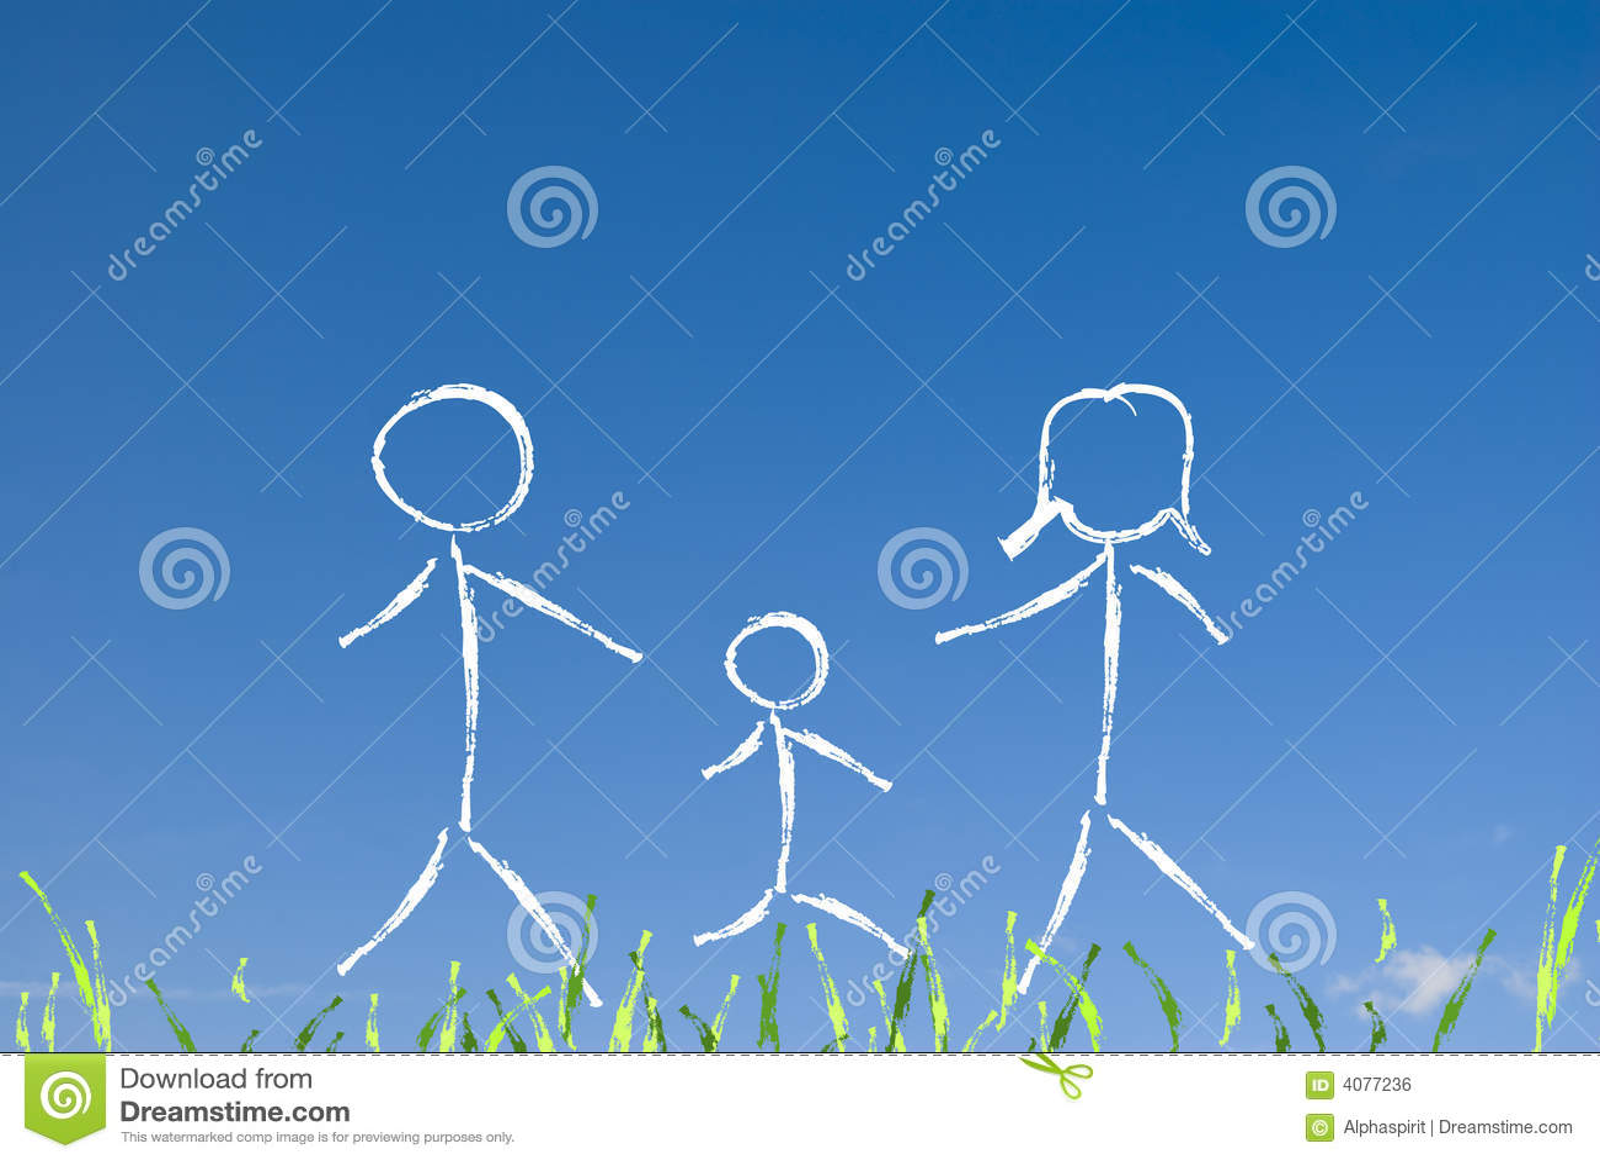 Concetto  nucleo familiare  felice